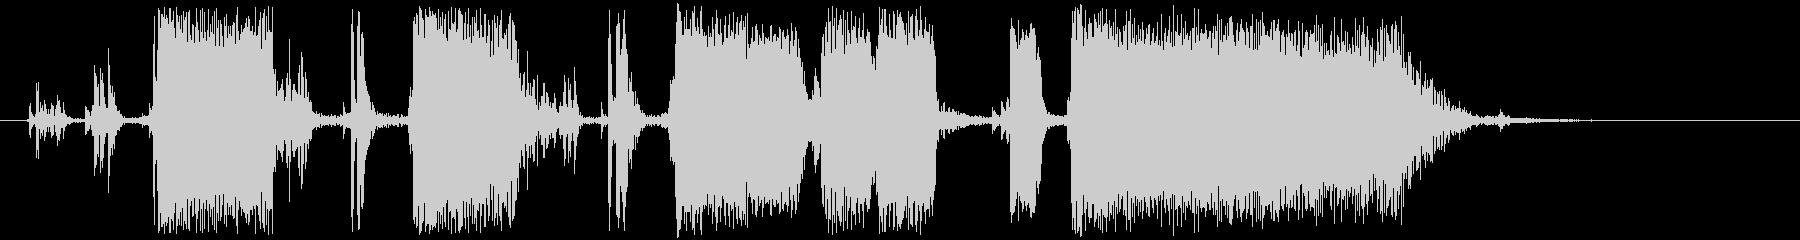 ジングル カッティングギターAの未再生の波形